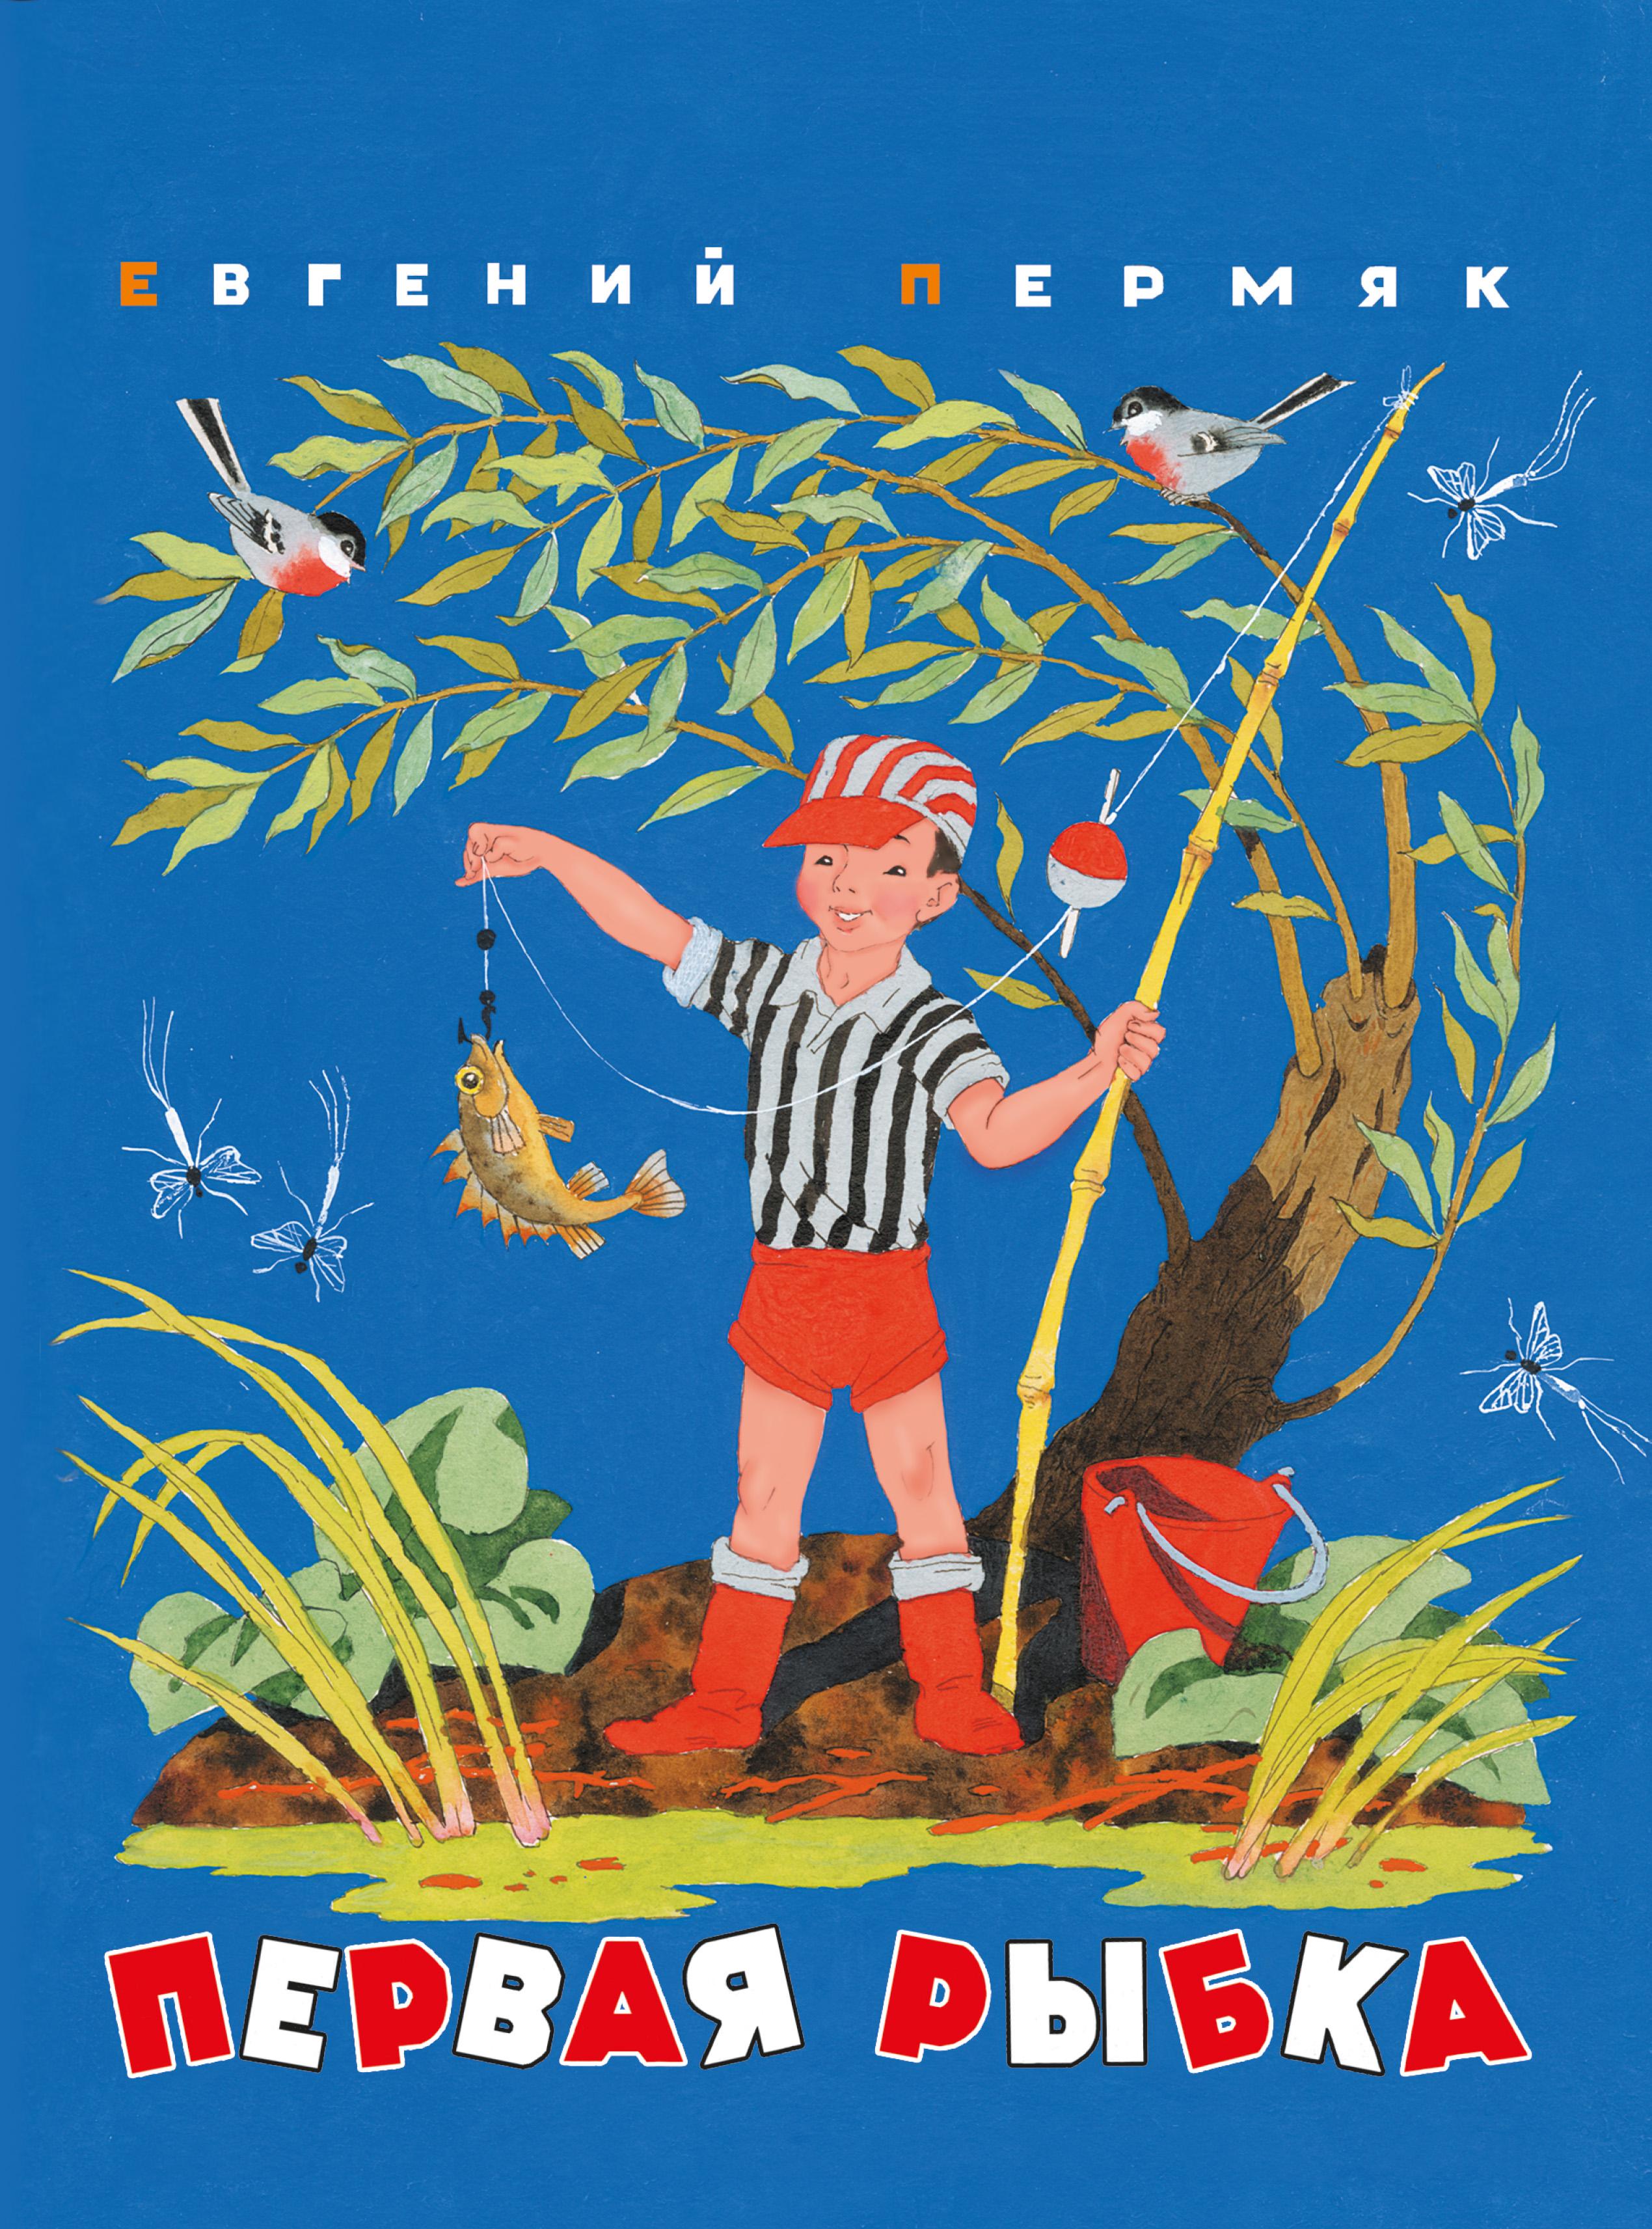 Евгений Пермяк Первая рыбка (сборник) евгений пермяк волшебные краски